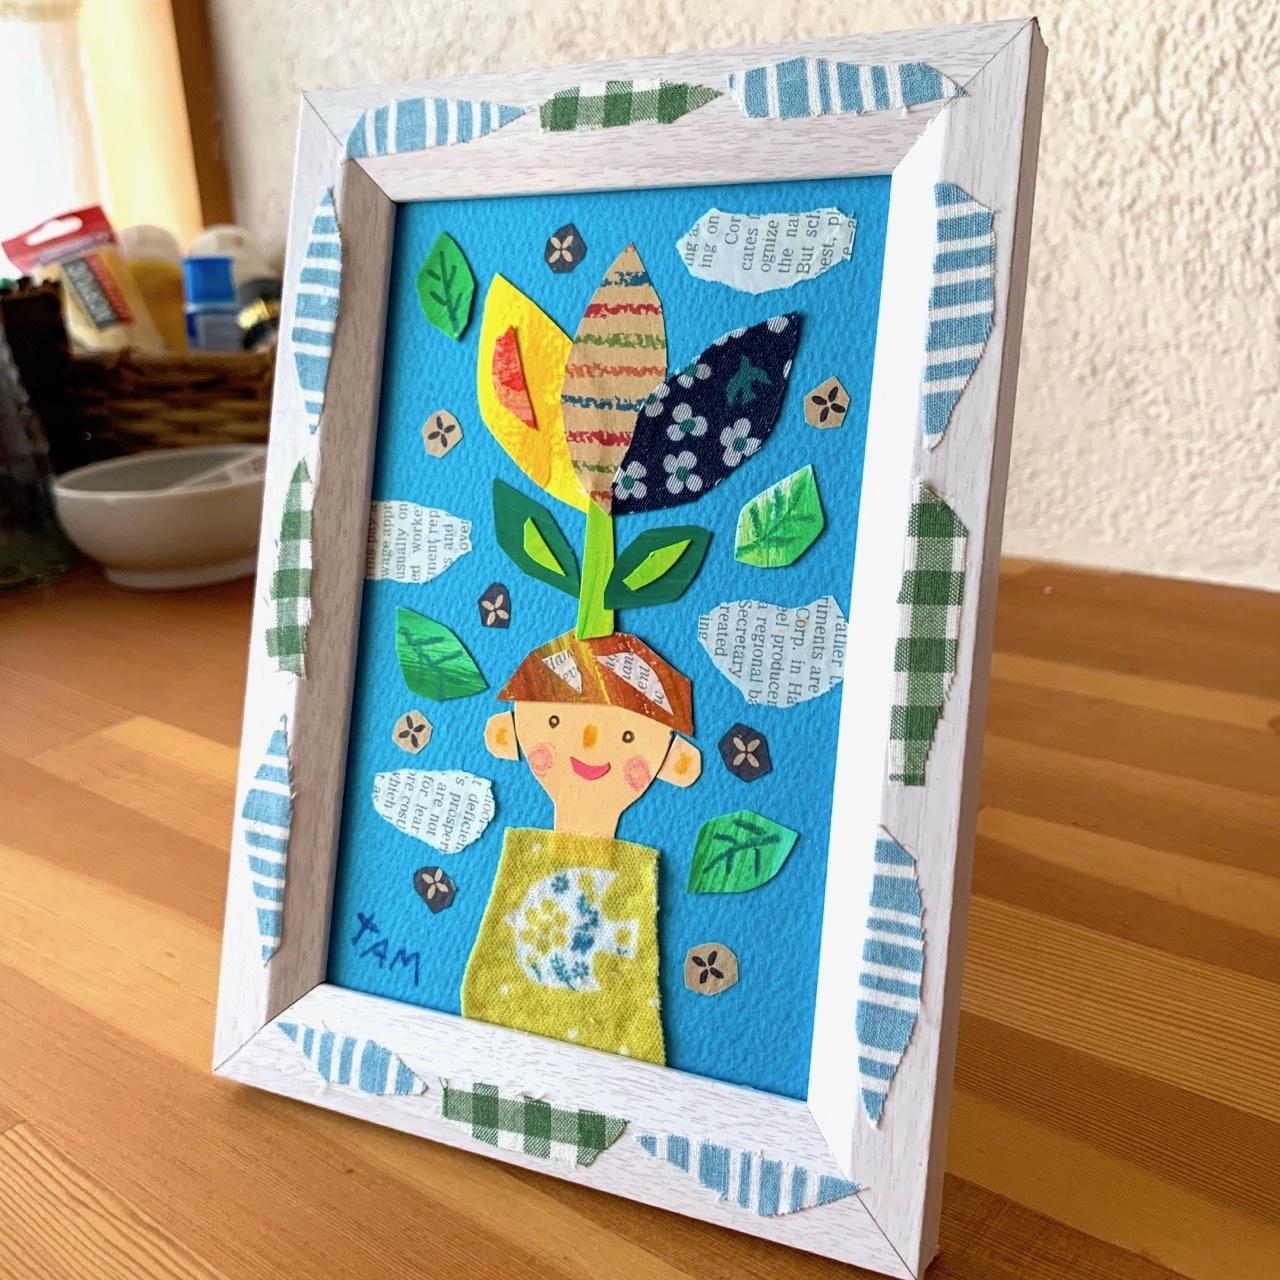 Keitto Oppiで貼り絵ワークショップを開催します☆_b0181015_16313278.jpg